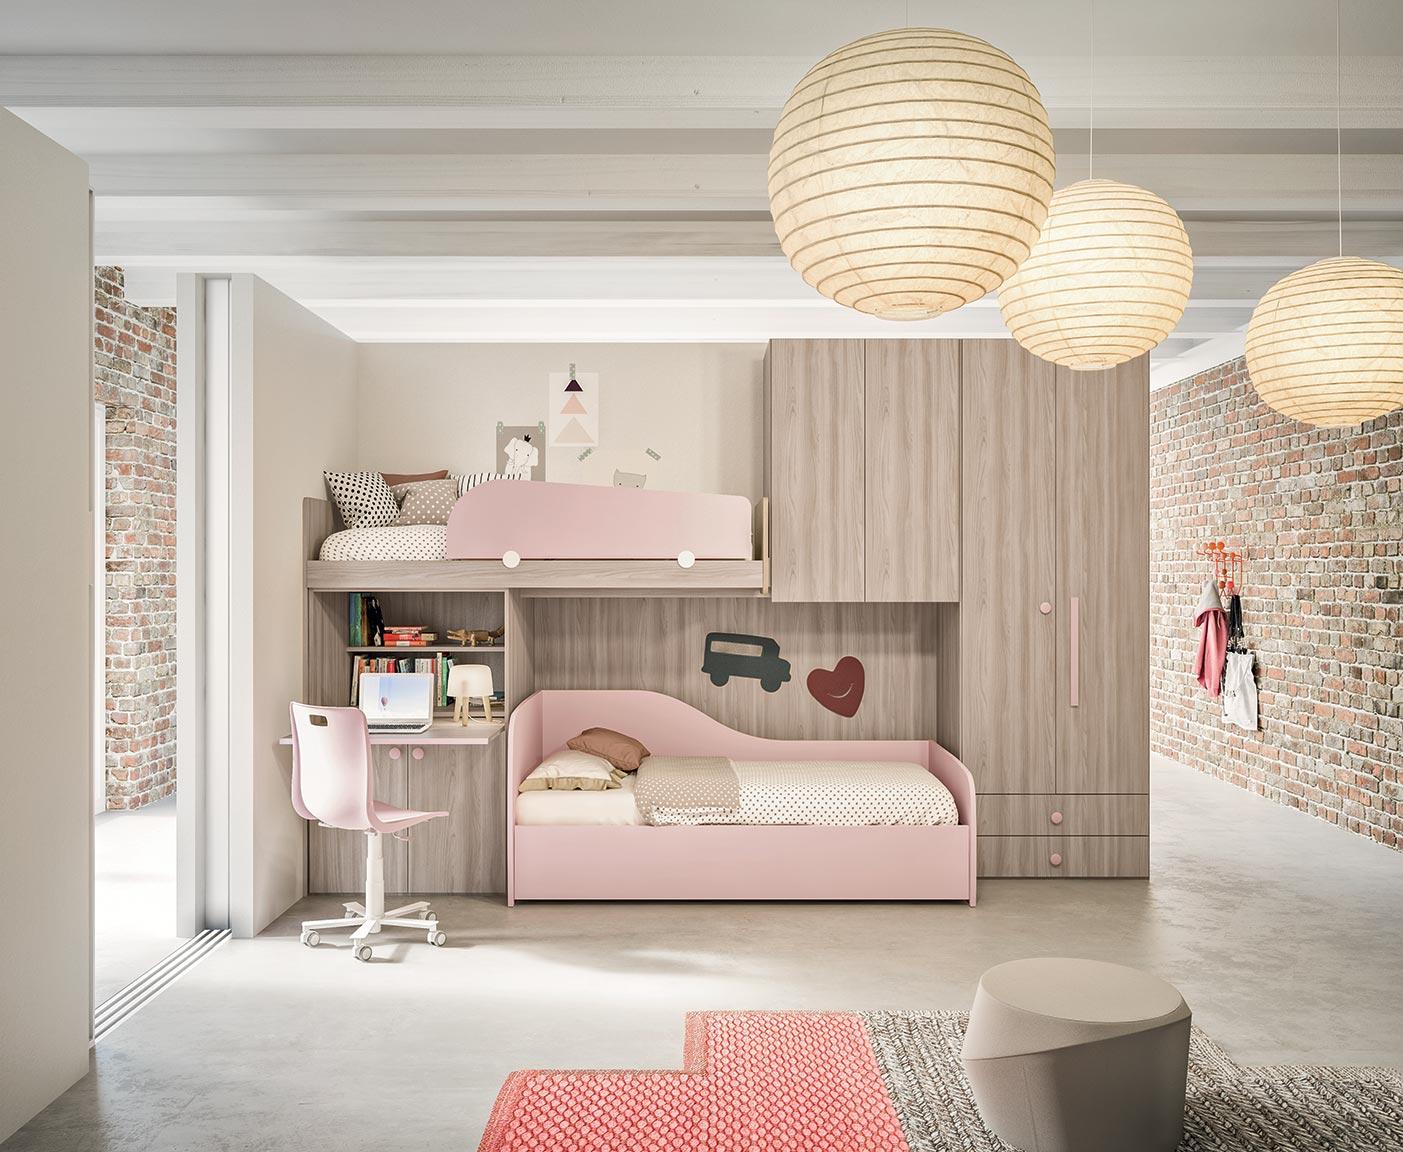 Camerette A Soppalco.Camerette Con Letti A Soppalco Mab Home Furniture